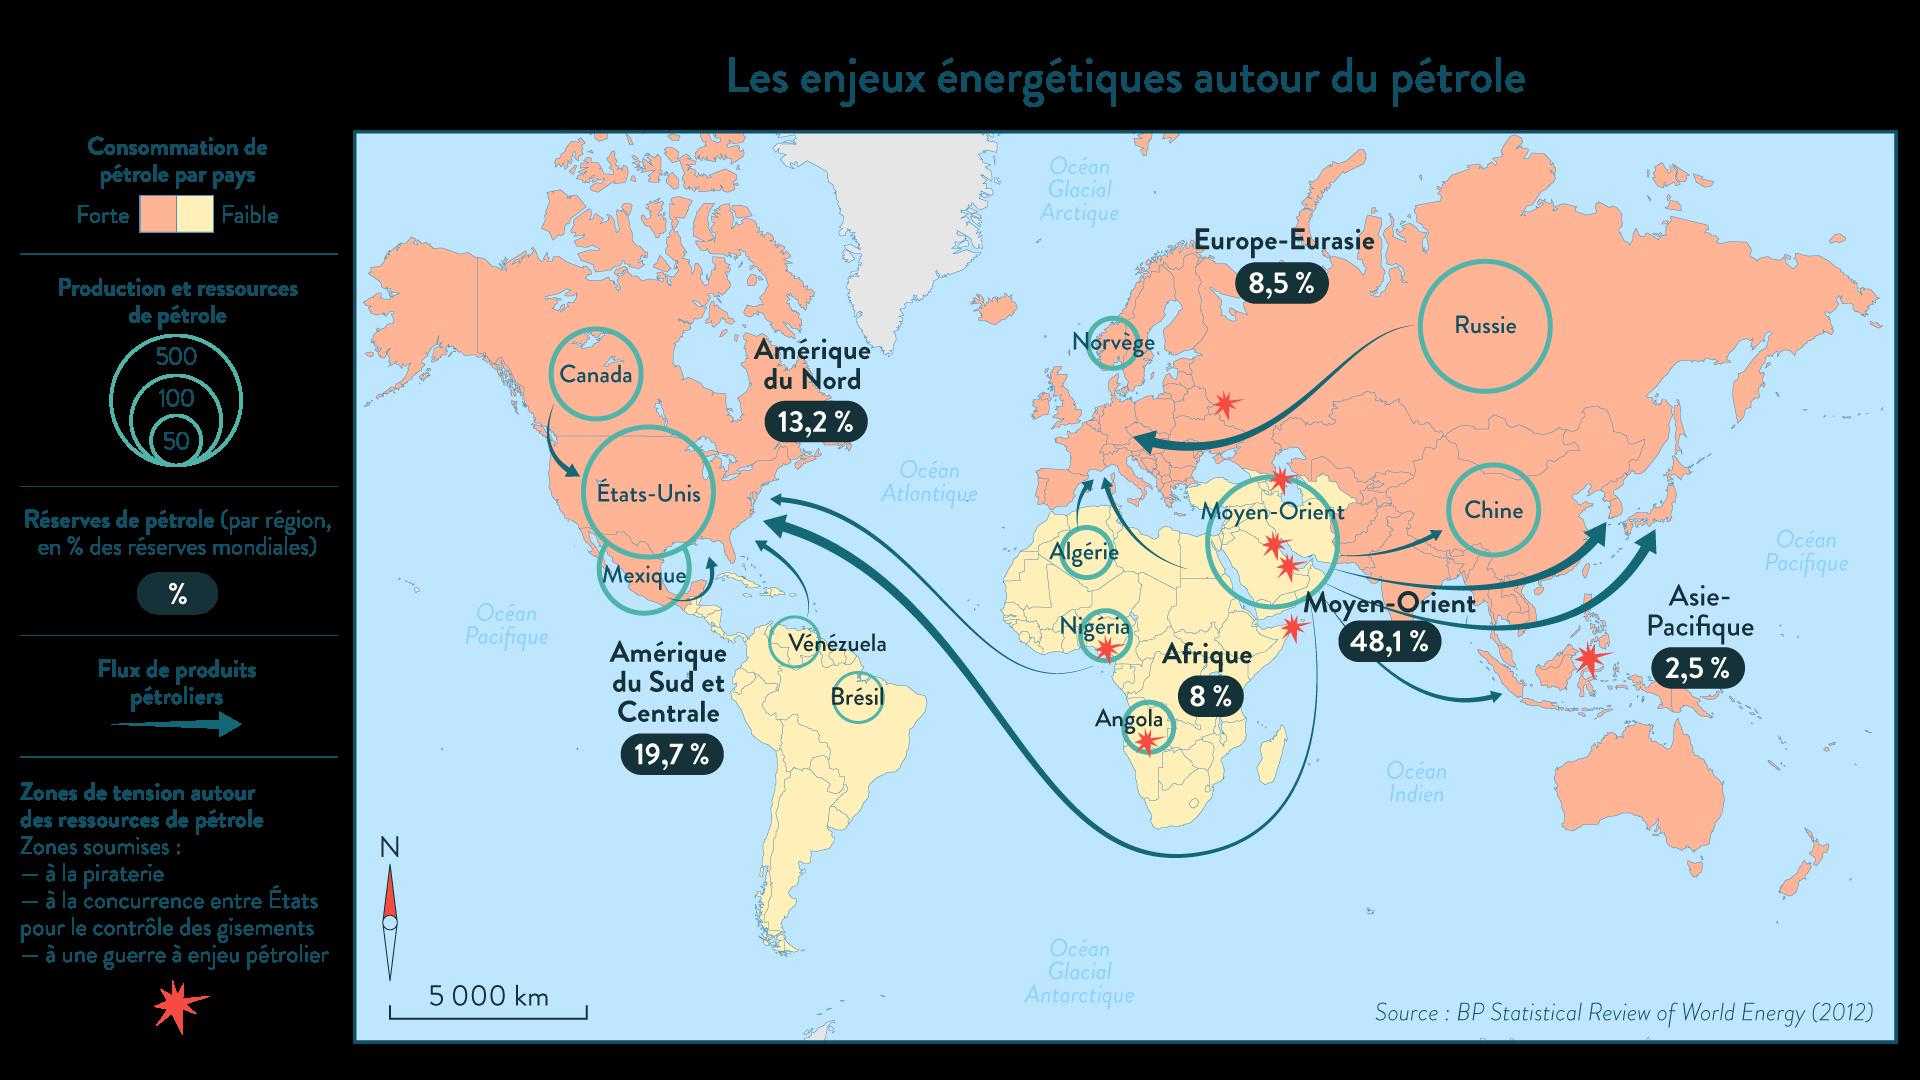 Les enjeux énergétiques autour du pétrole